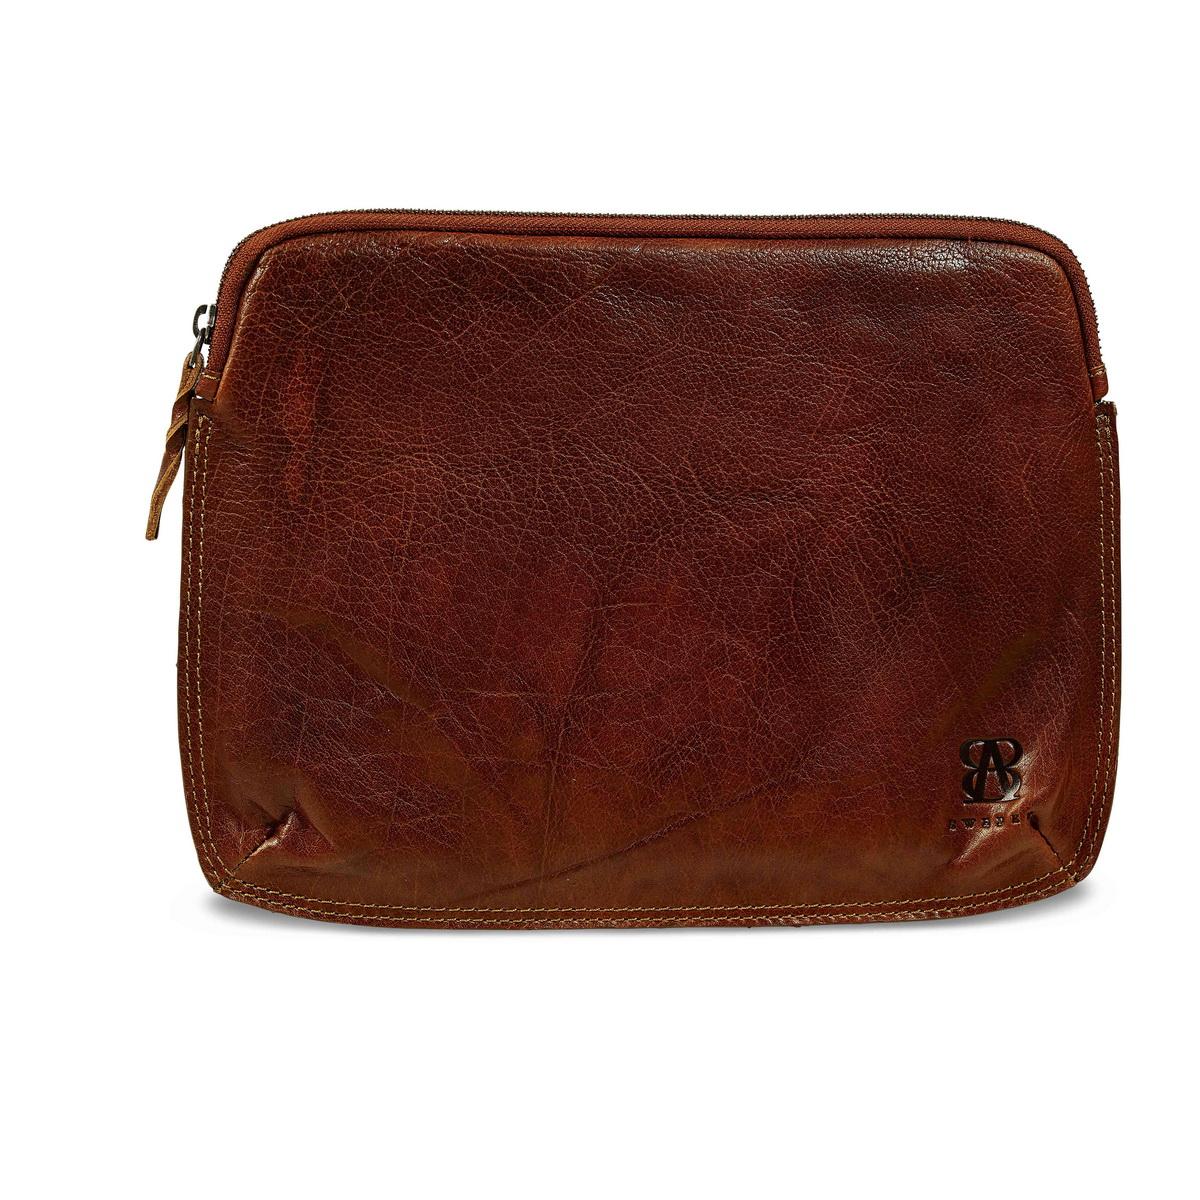 Köp ipadväska skinn från B-away av vaxad buffelläder online. Trygg betalning, snabb leverans och fri frakt över 499 kr i Sverige